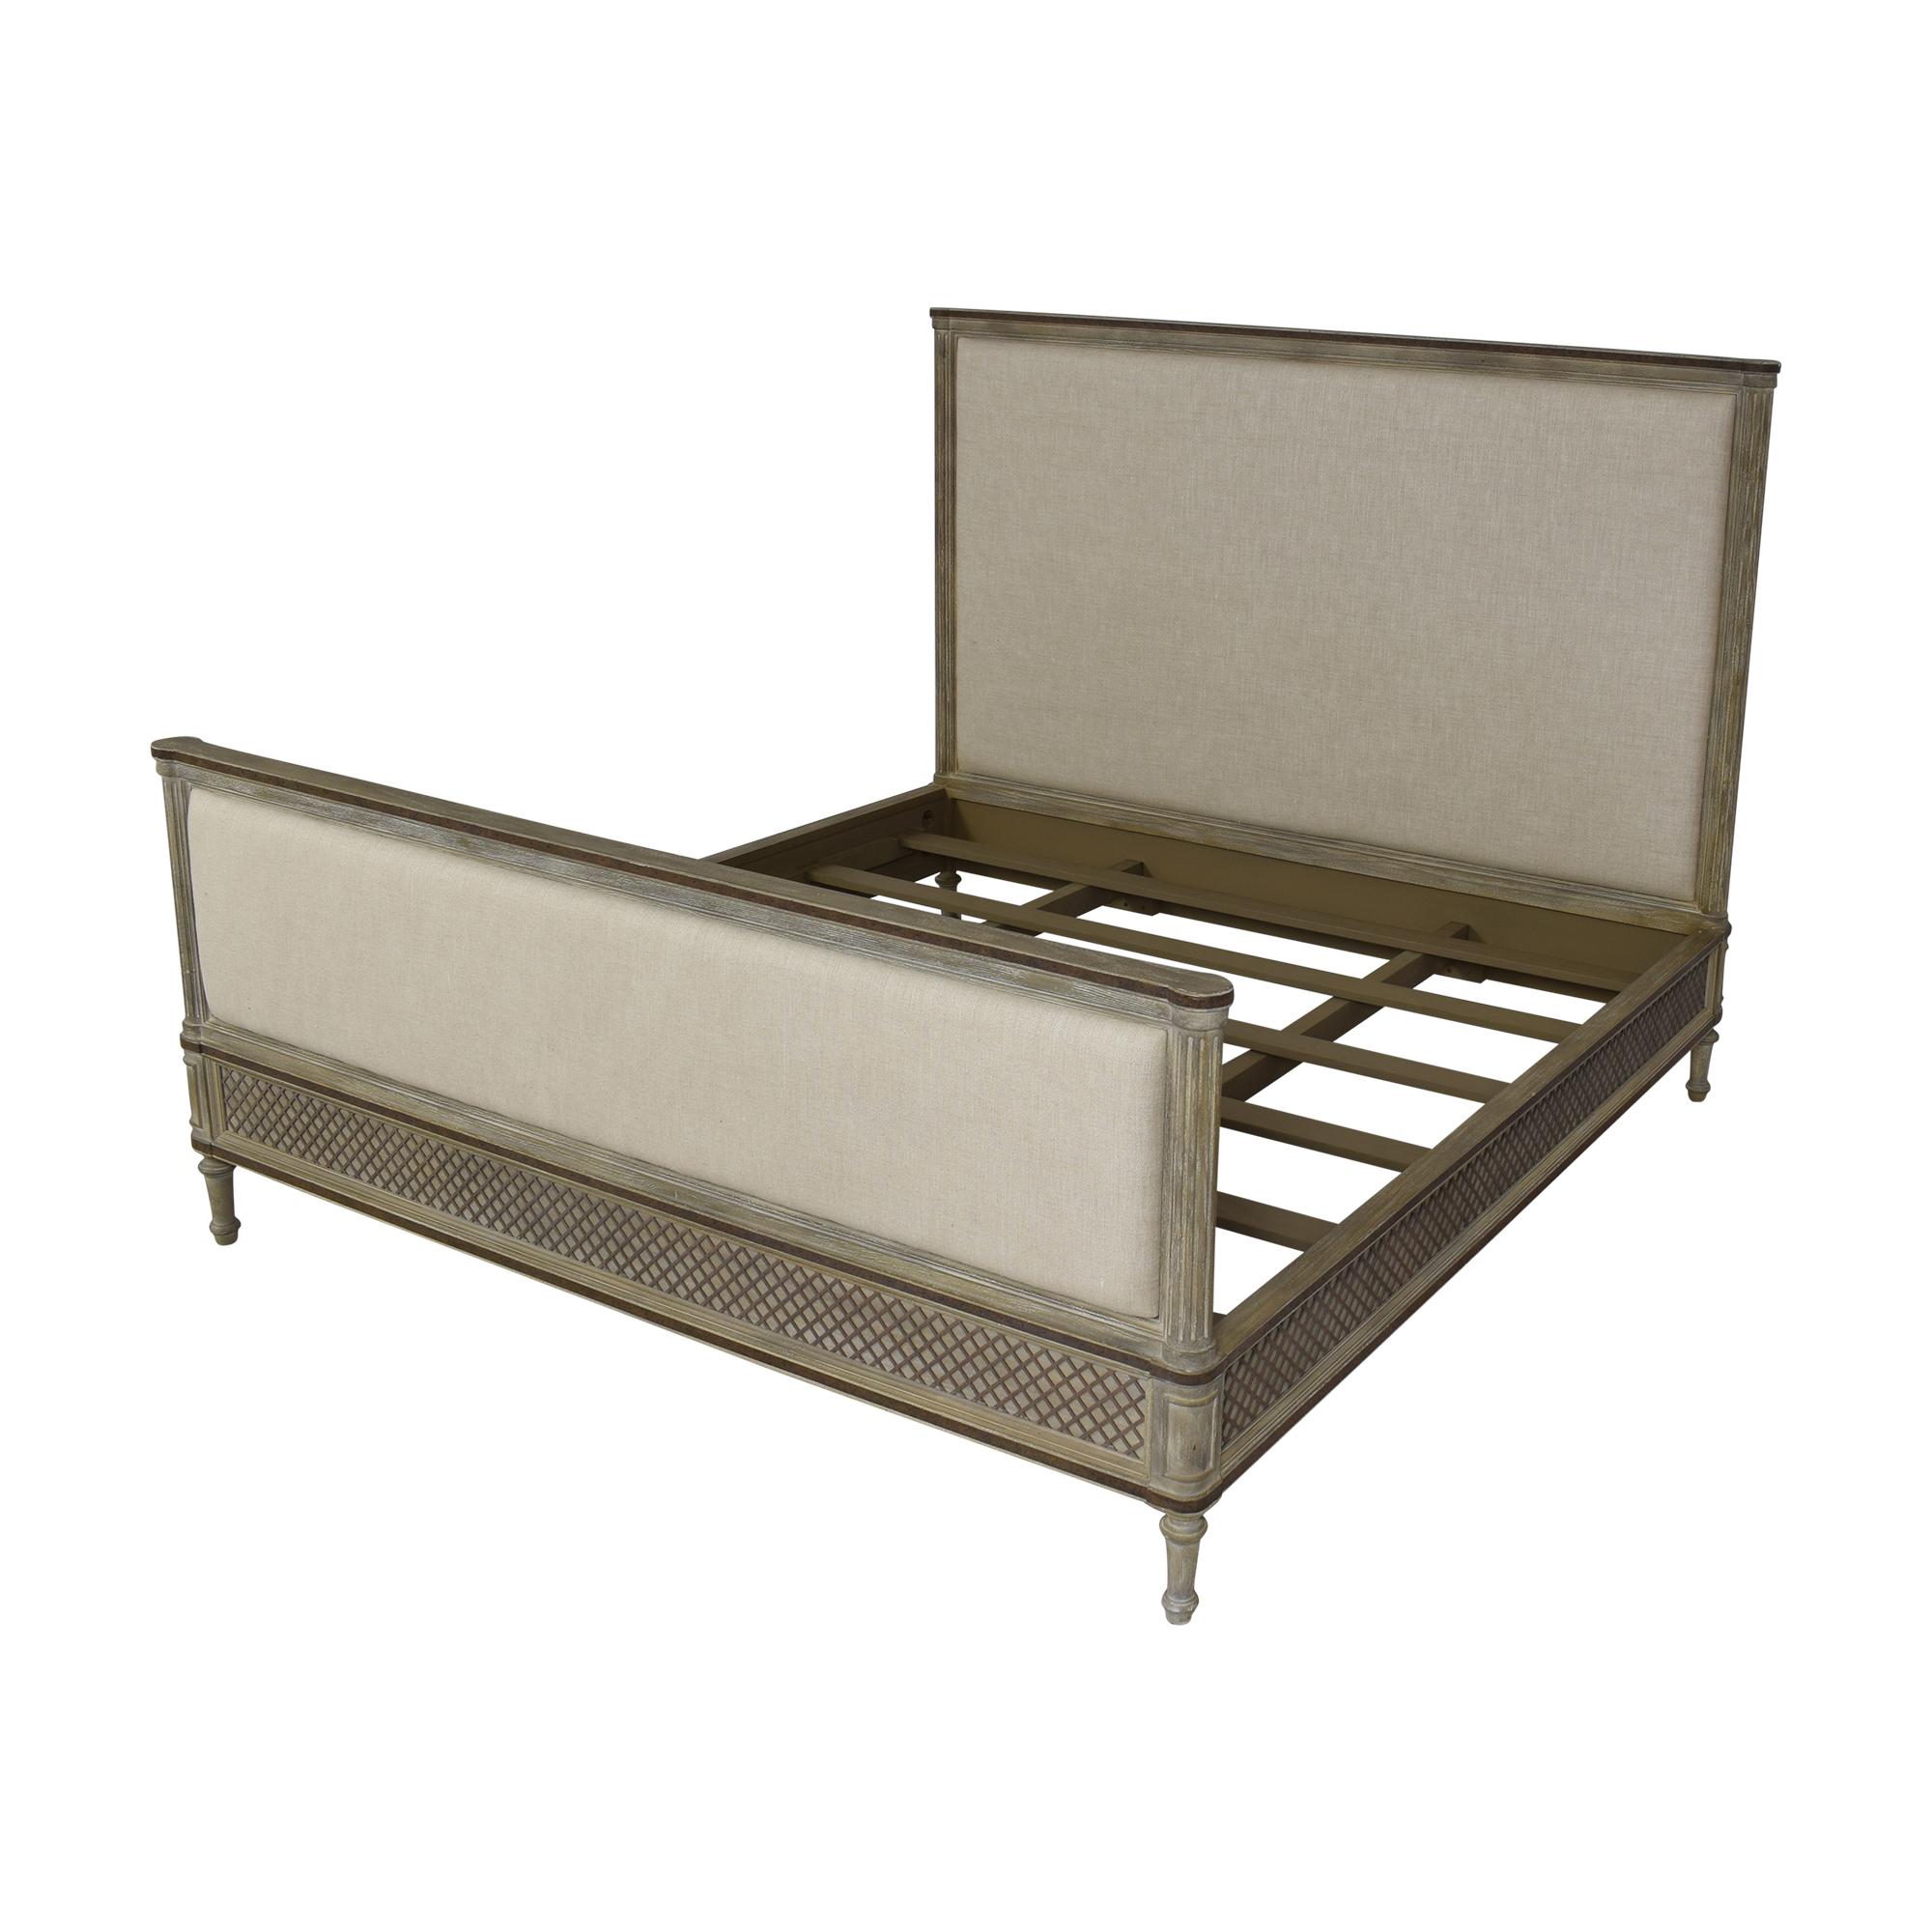 Restoration Hardware Restoration Hardware Louis XVI Treillage King Bed ct